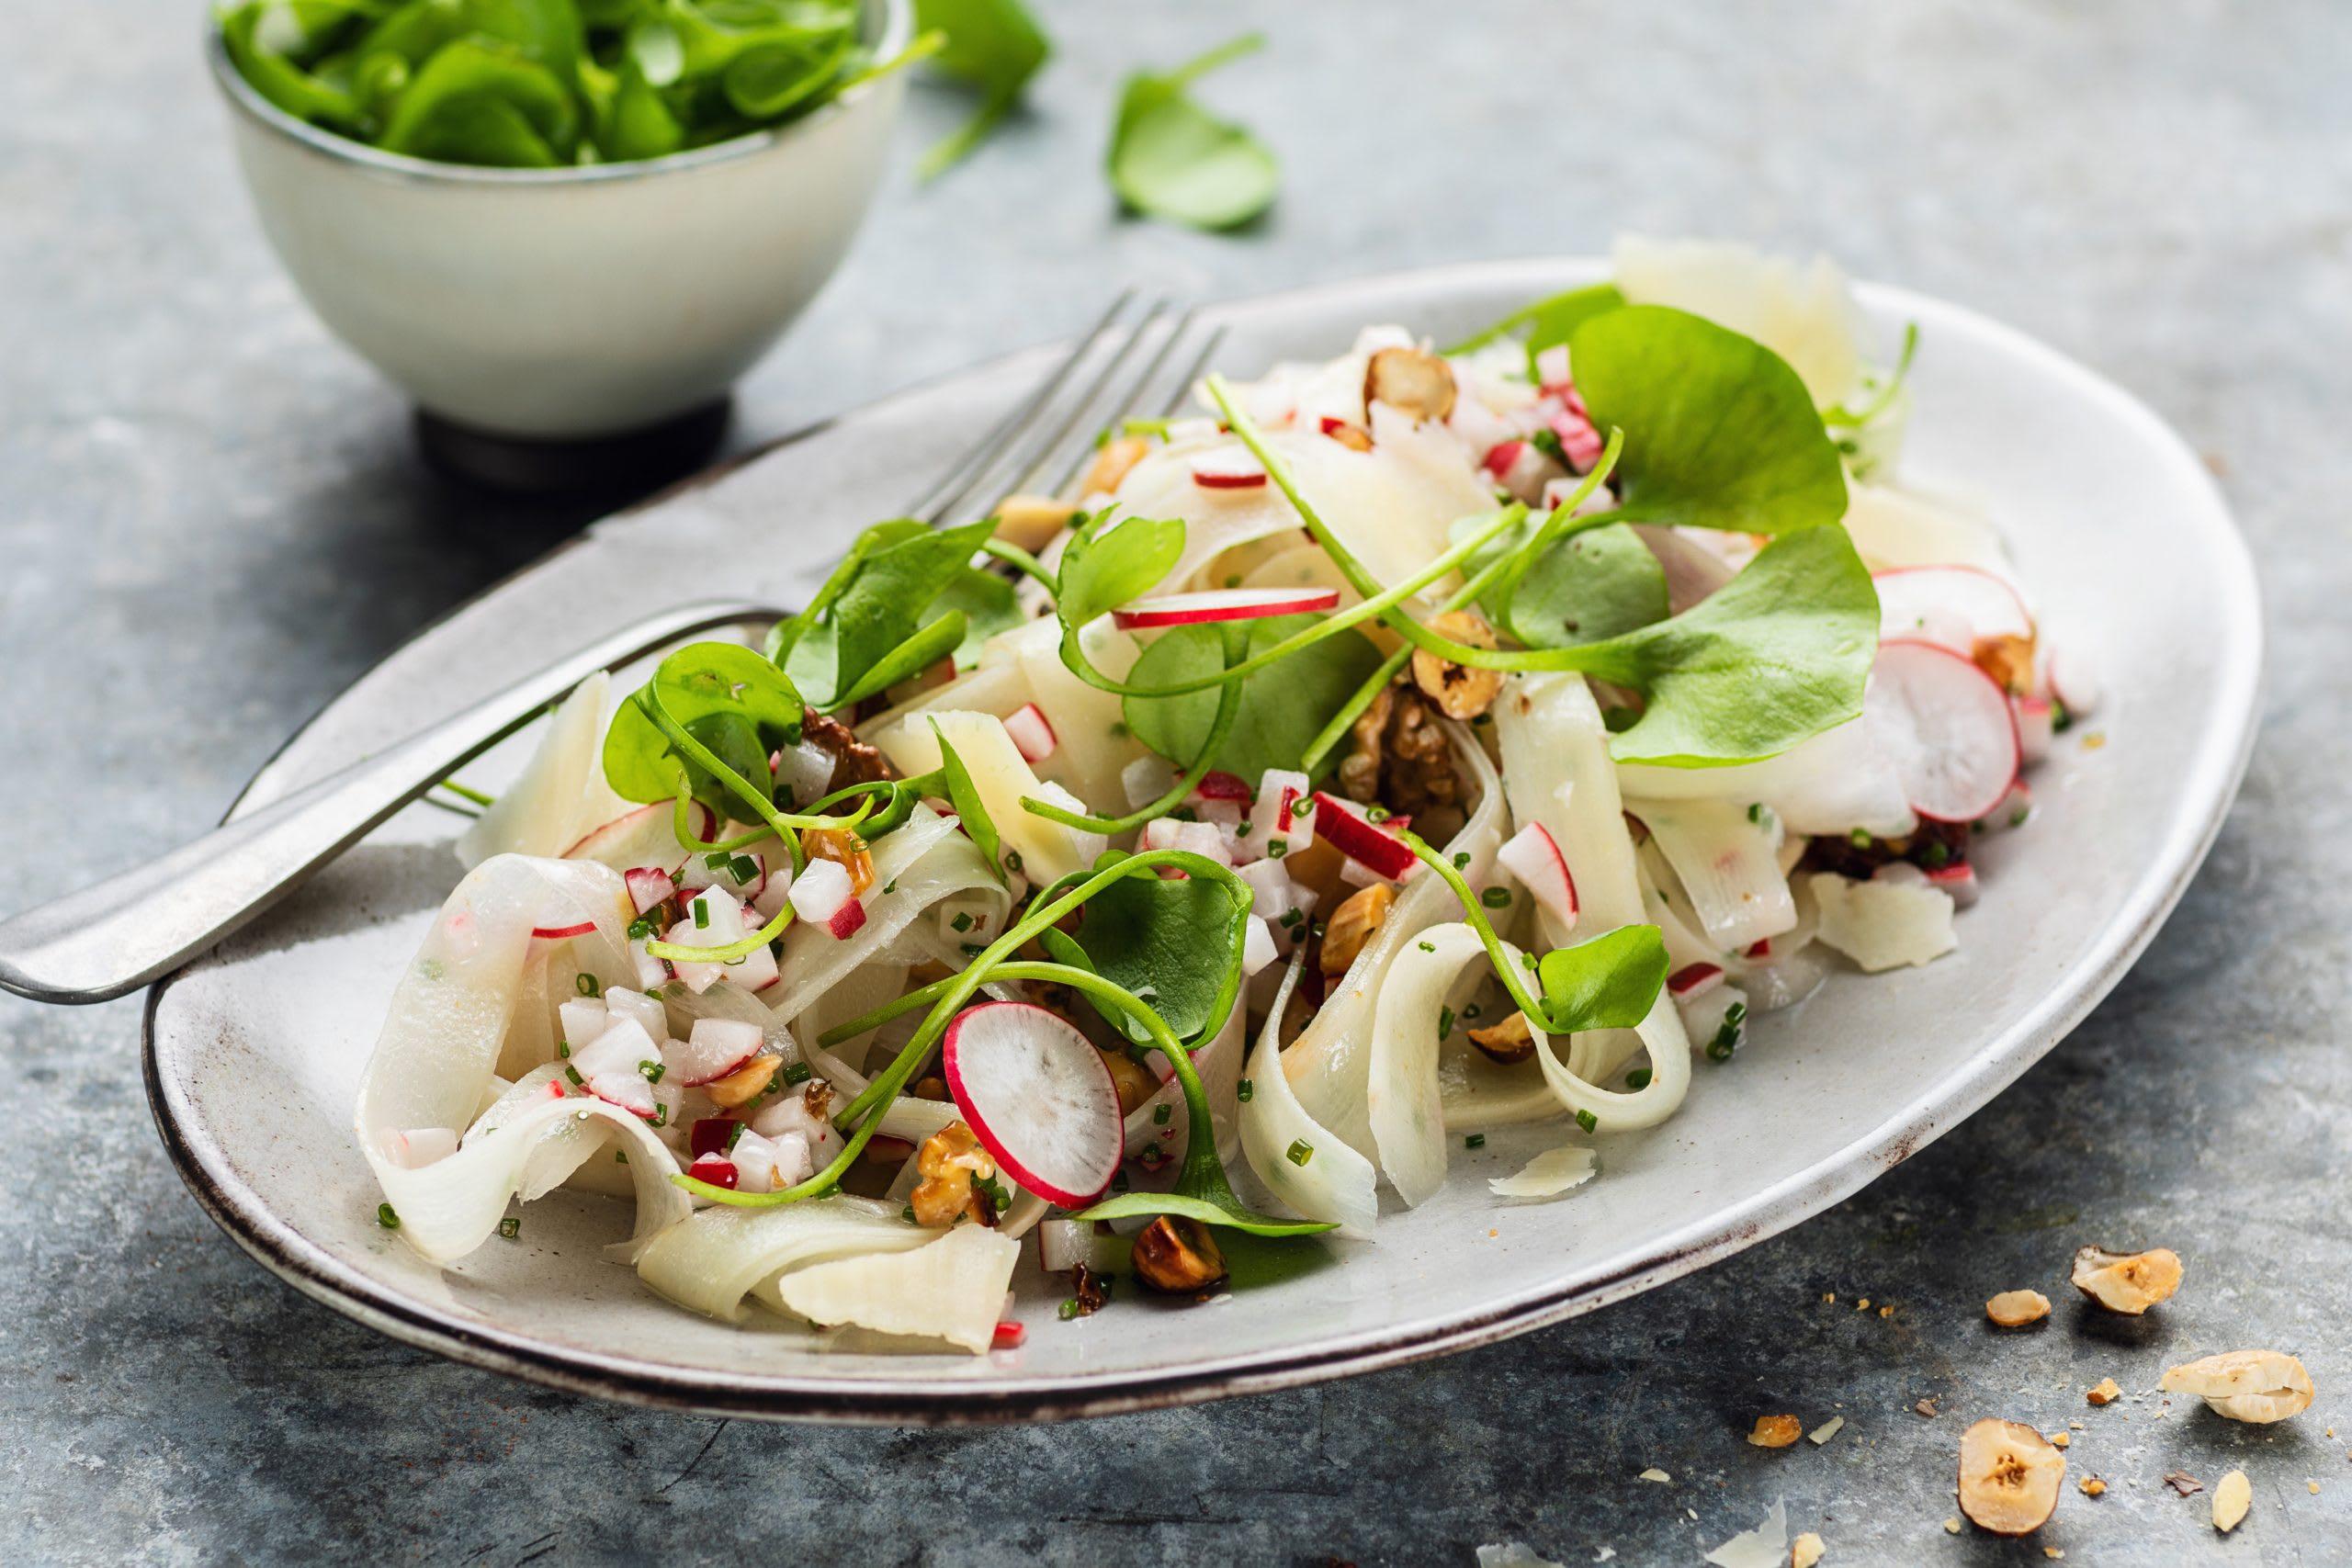 Salade de salsifis et vinaigrette aux radis